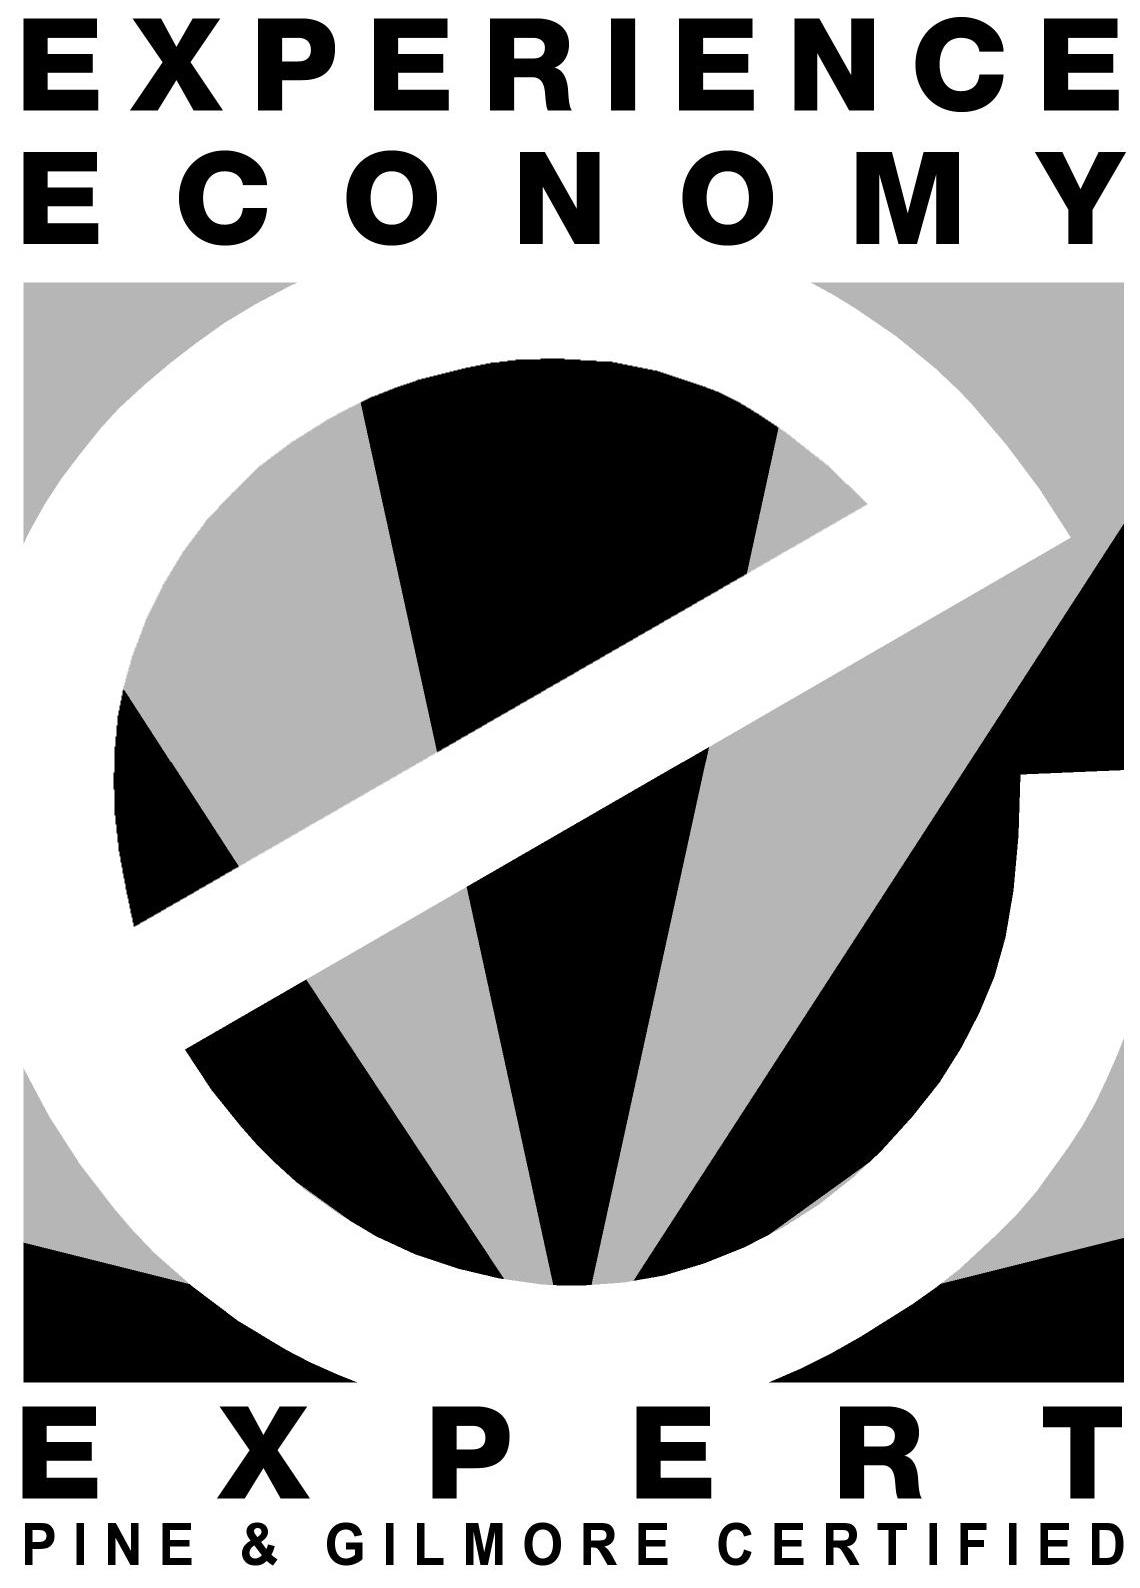 Experience Economy Award 2015